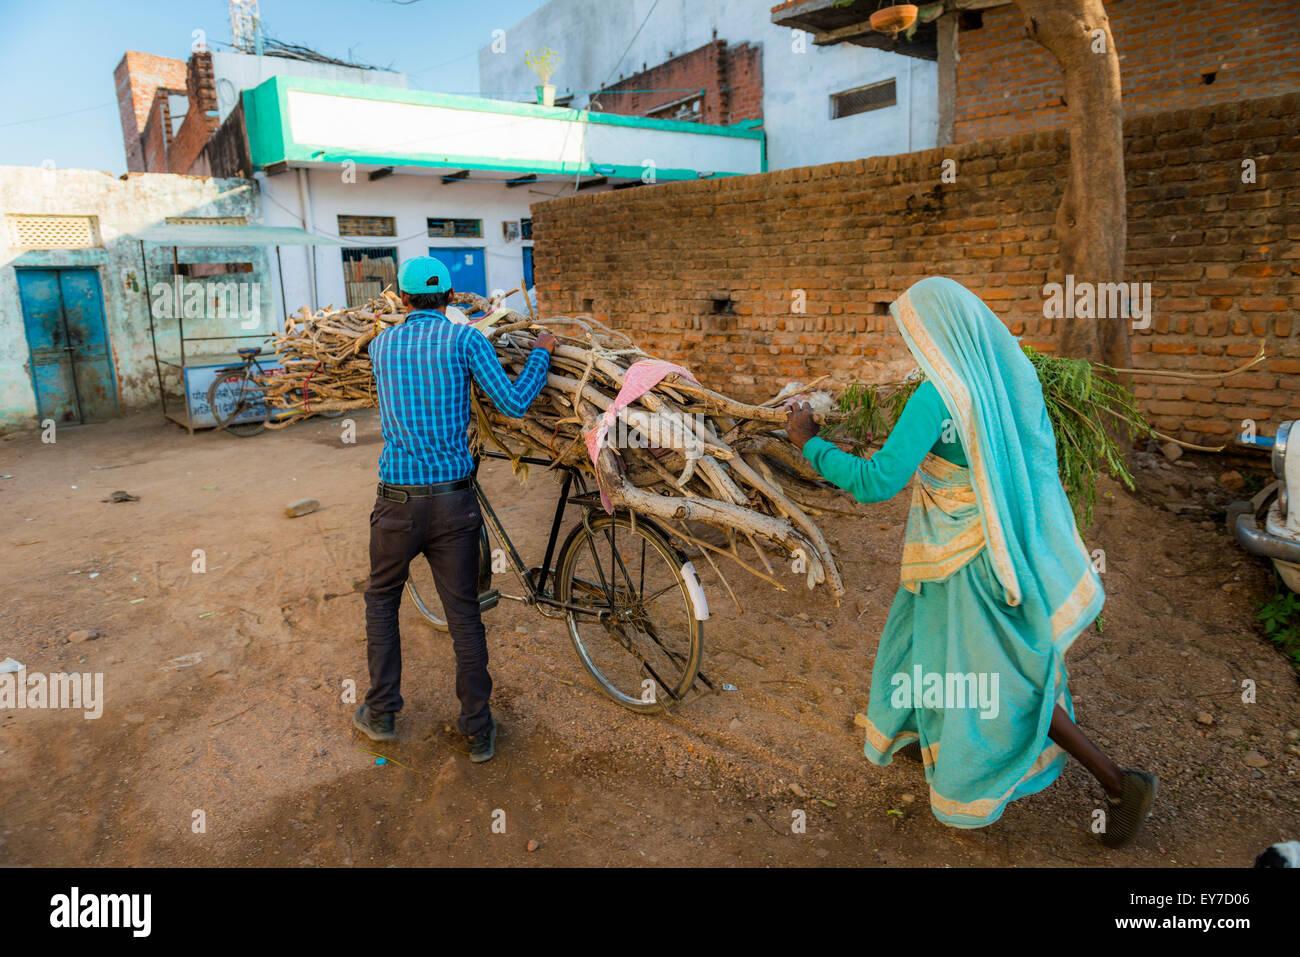 Mann und Frau mit Brennholz auf einem Fahrrad in Khajuraho, Madhya Pradesh, Indien Stockbild